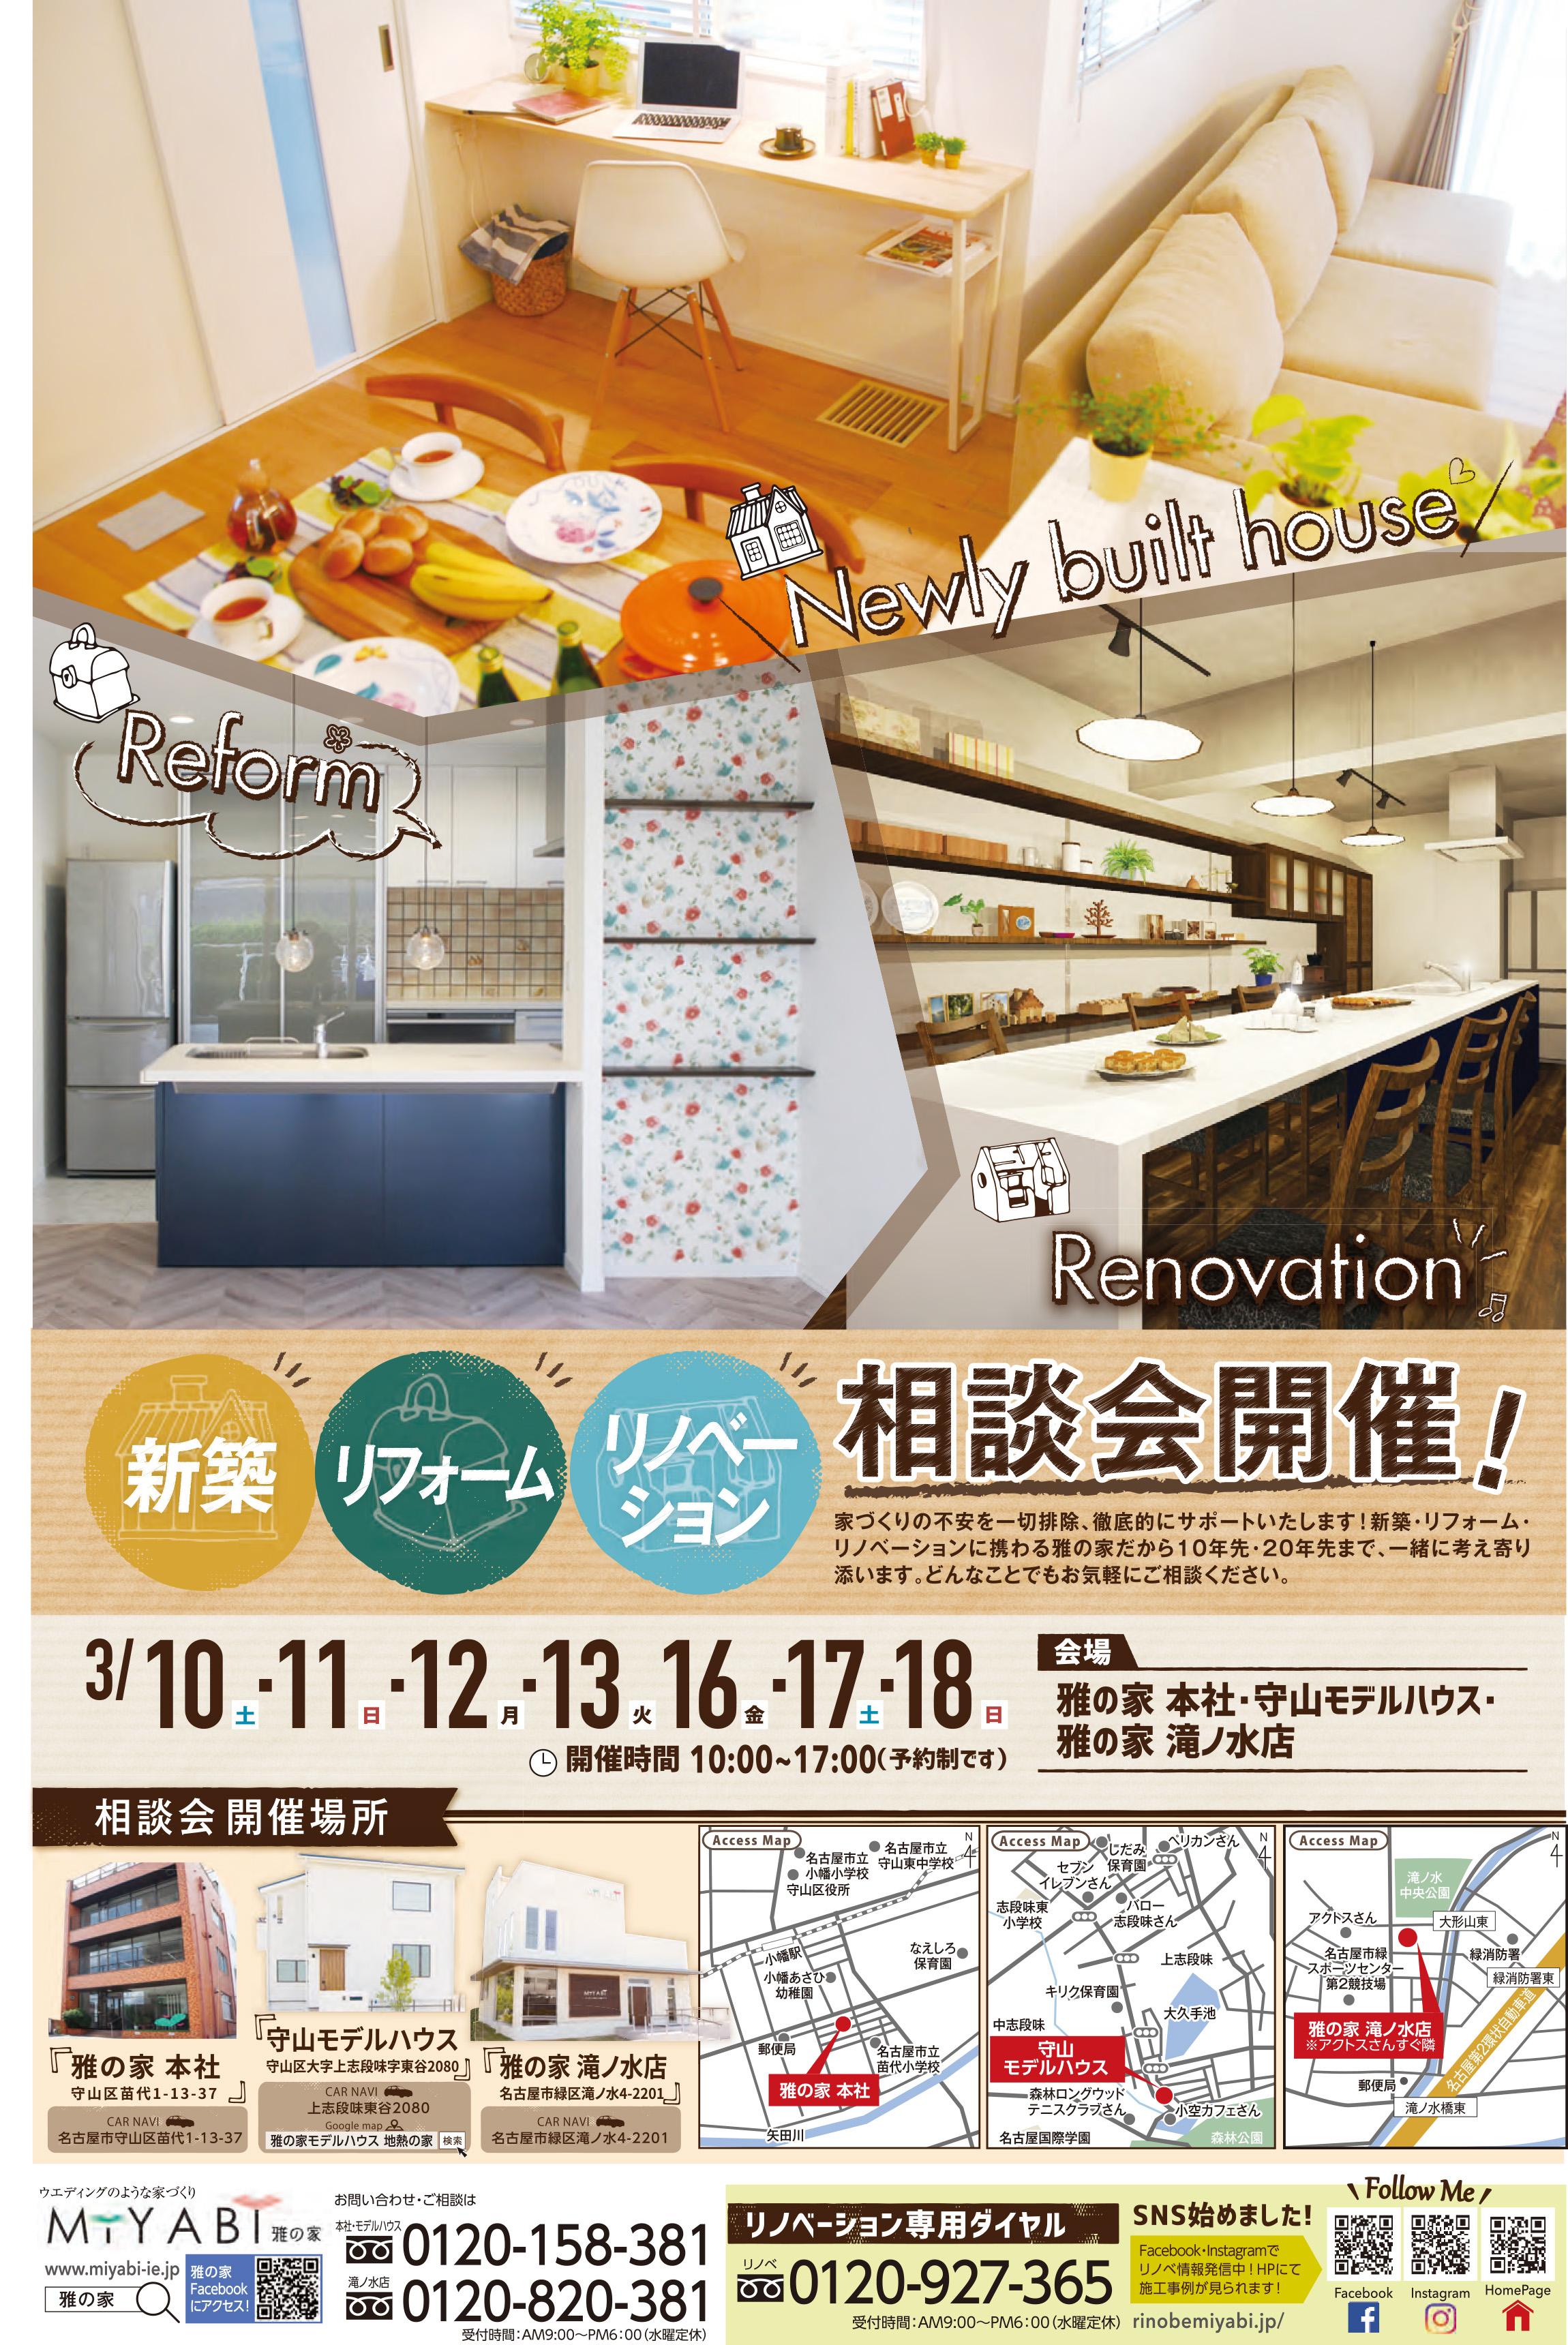 新築・リフォーム・リノベーション相談会 3/10~3/18開催!